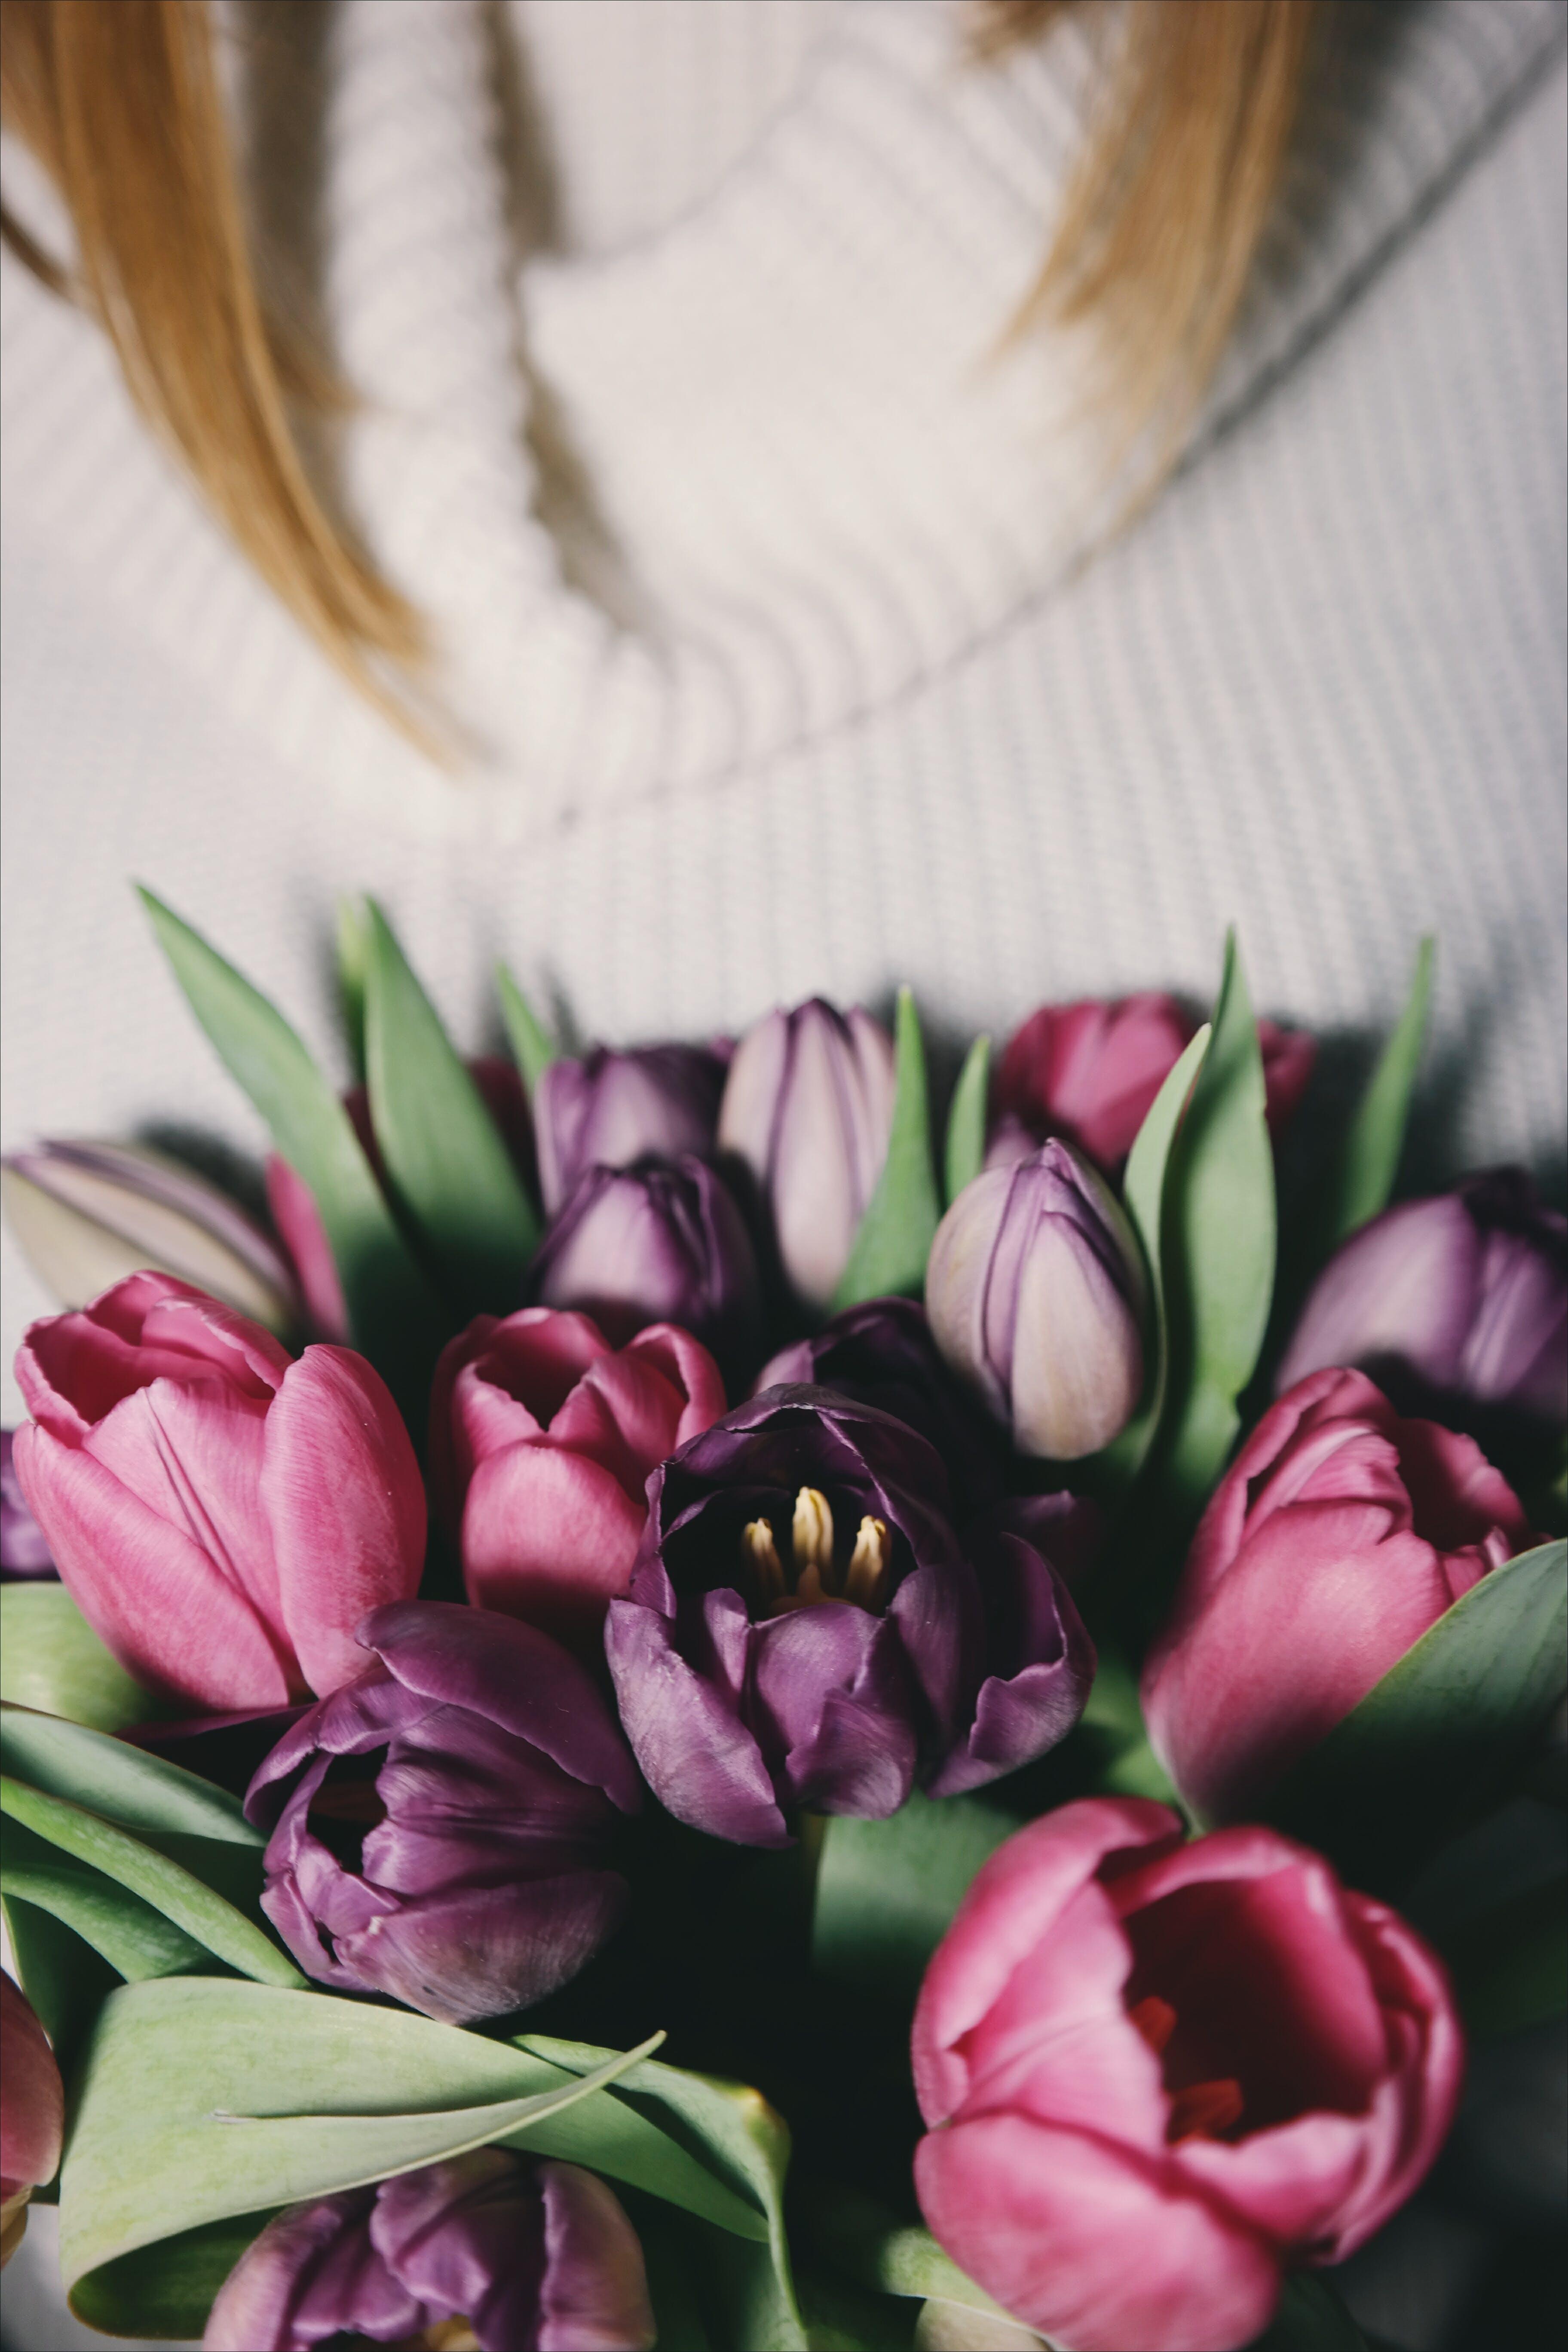 zu blühen, blumen, blumenstrauß, blütenblätter